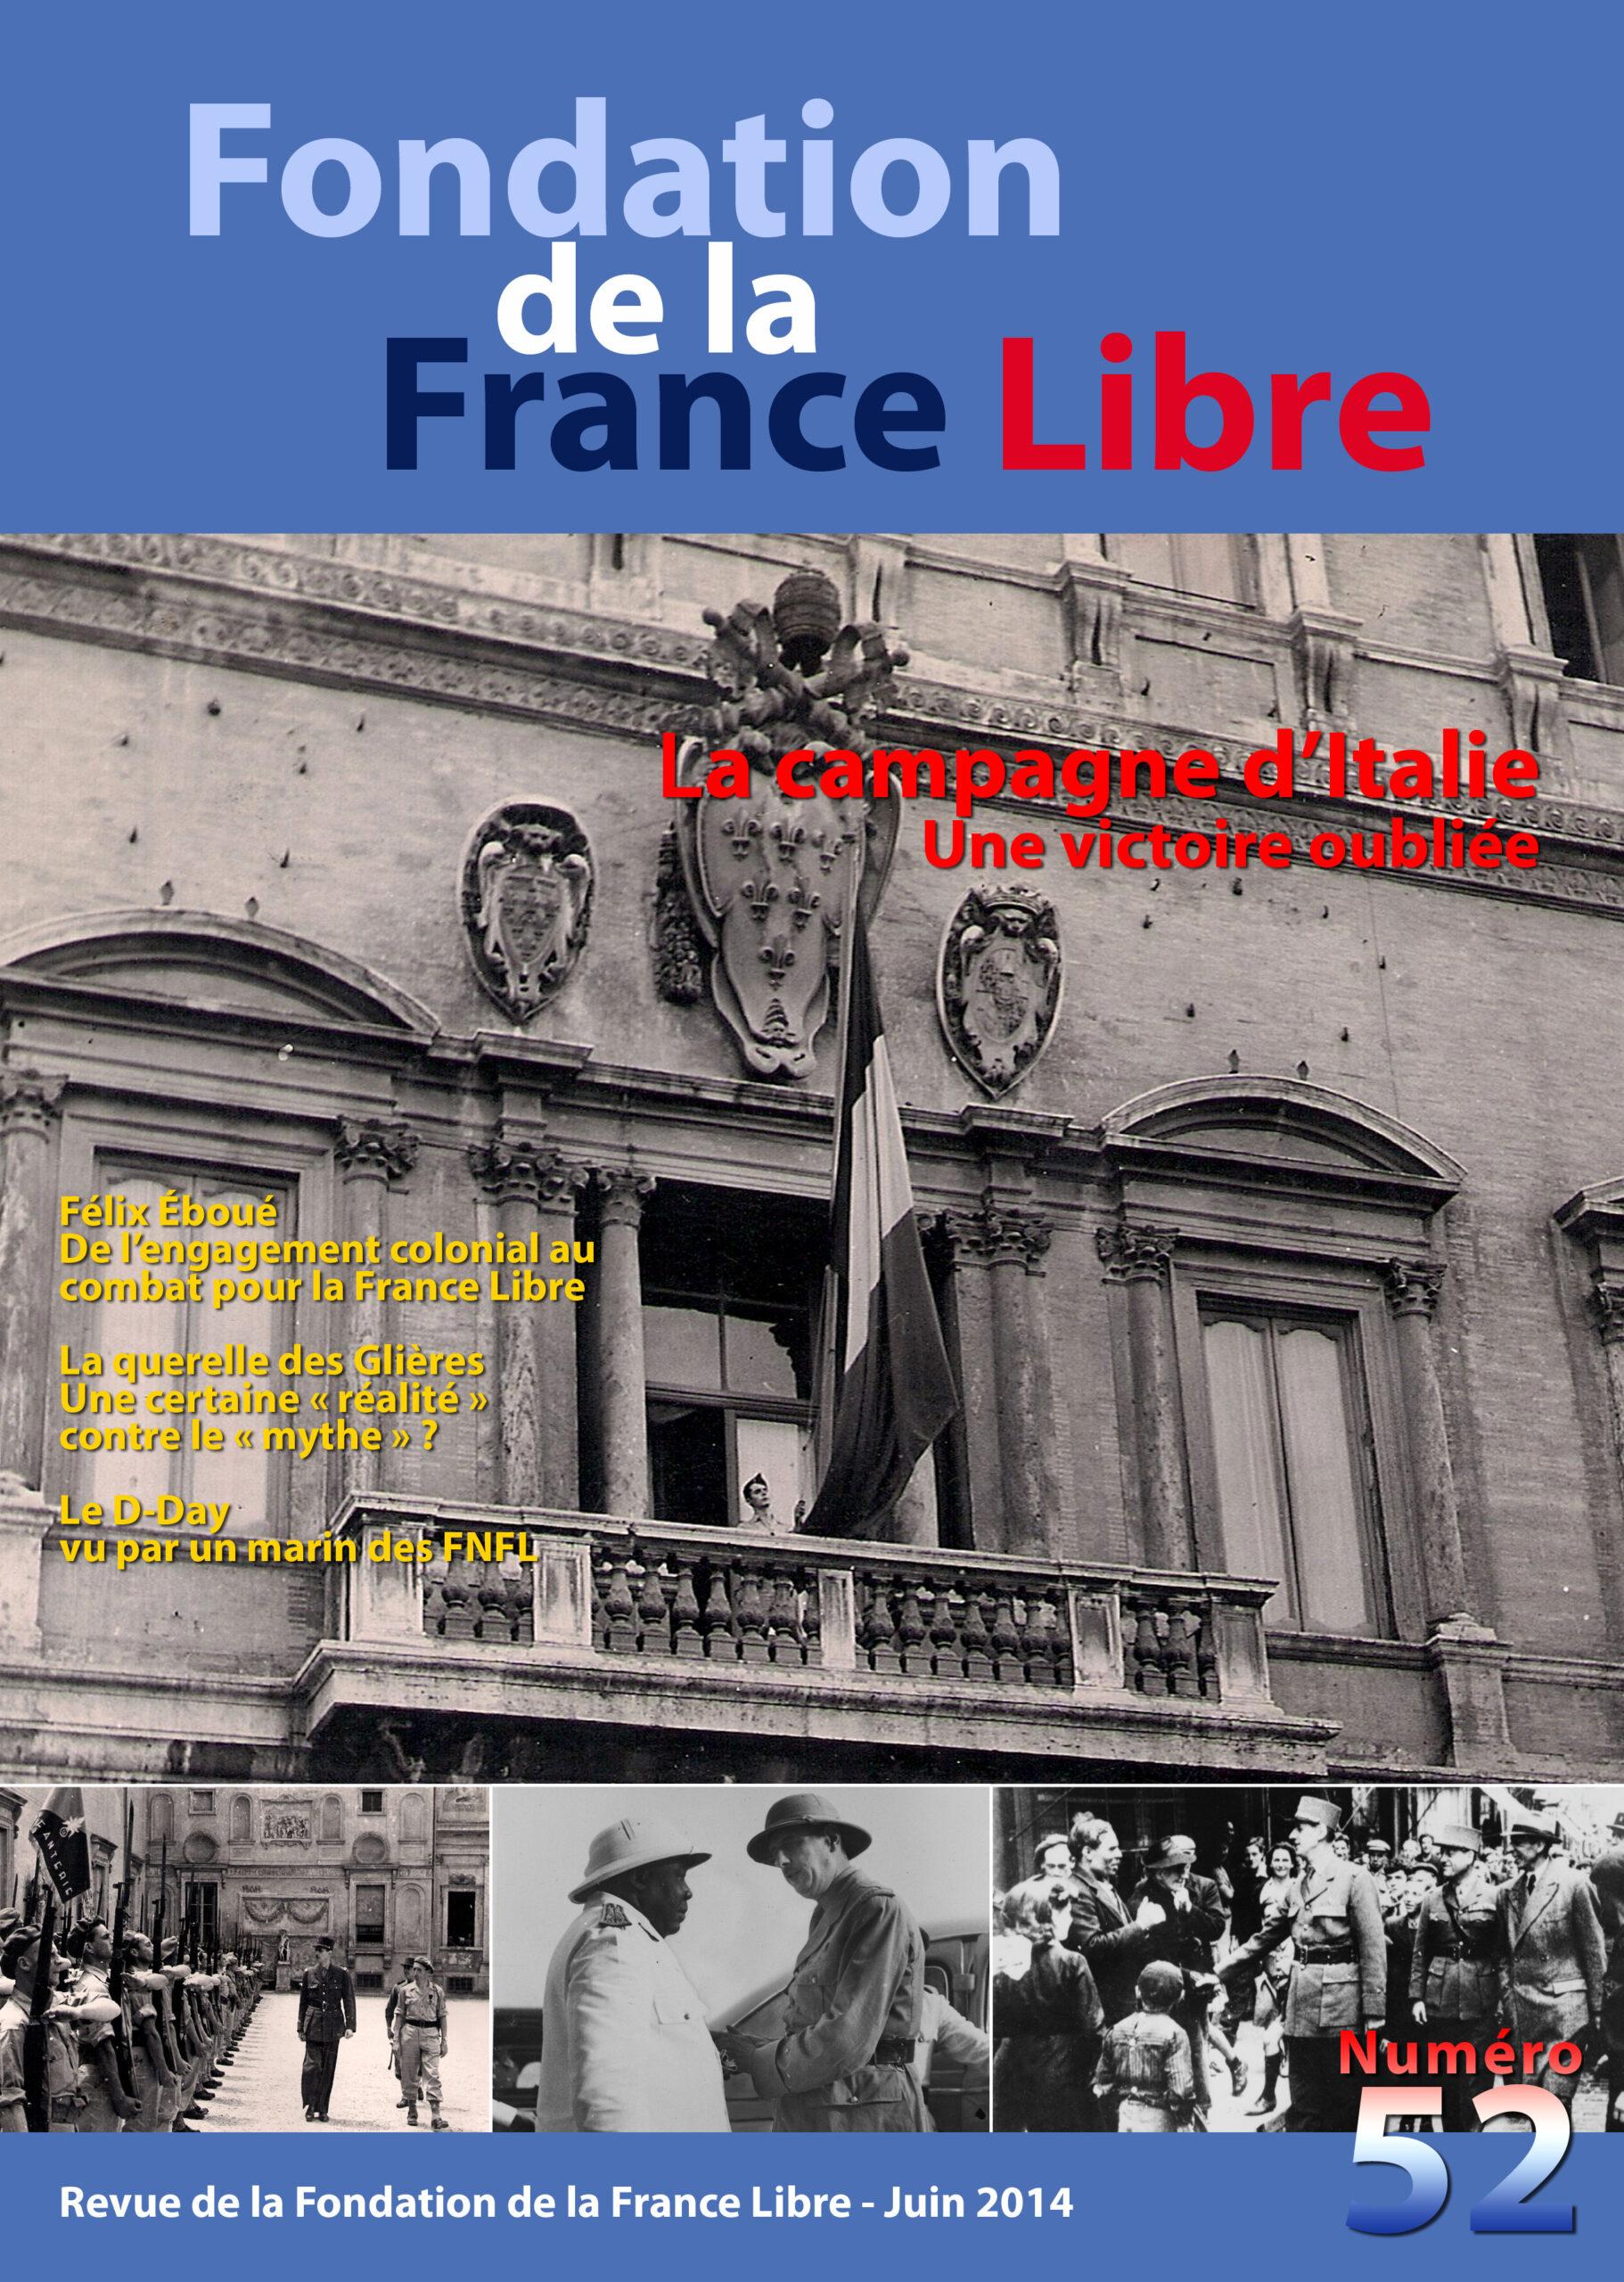 Fondation de la France Libre, n° 52, juin 2014 (périodique)